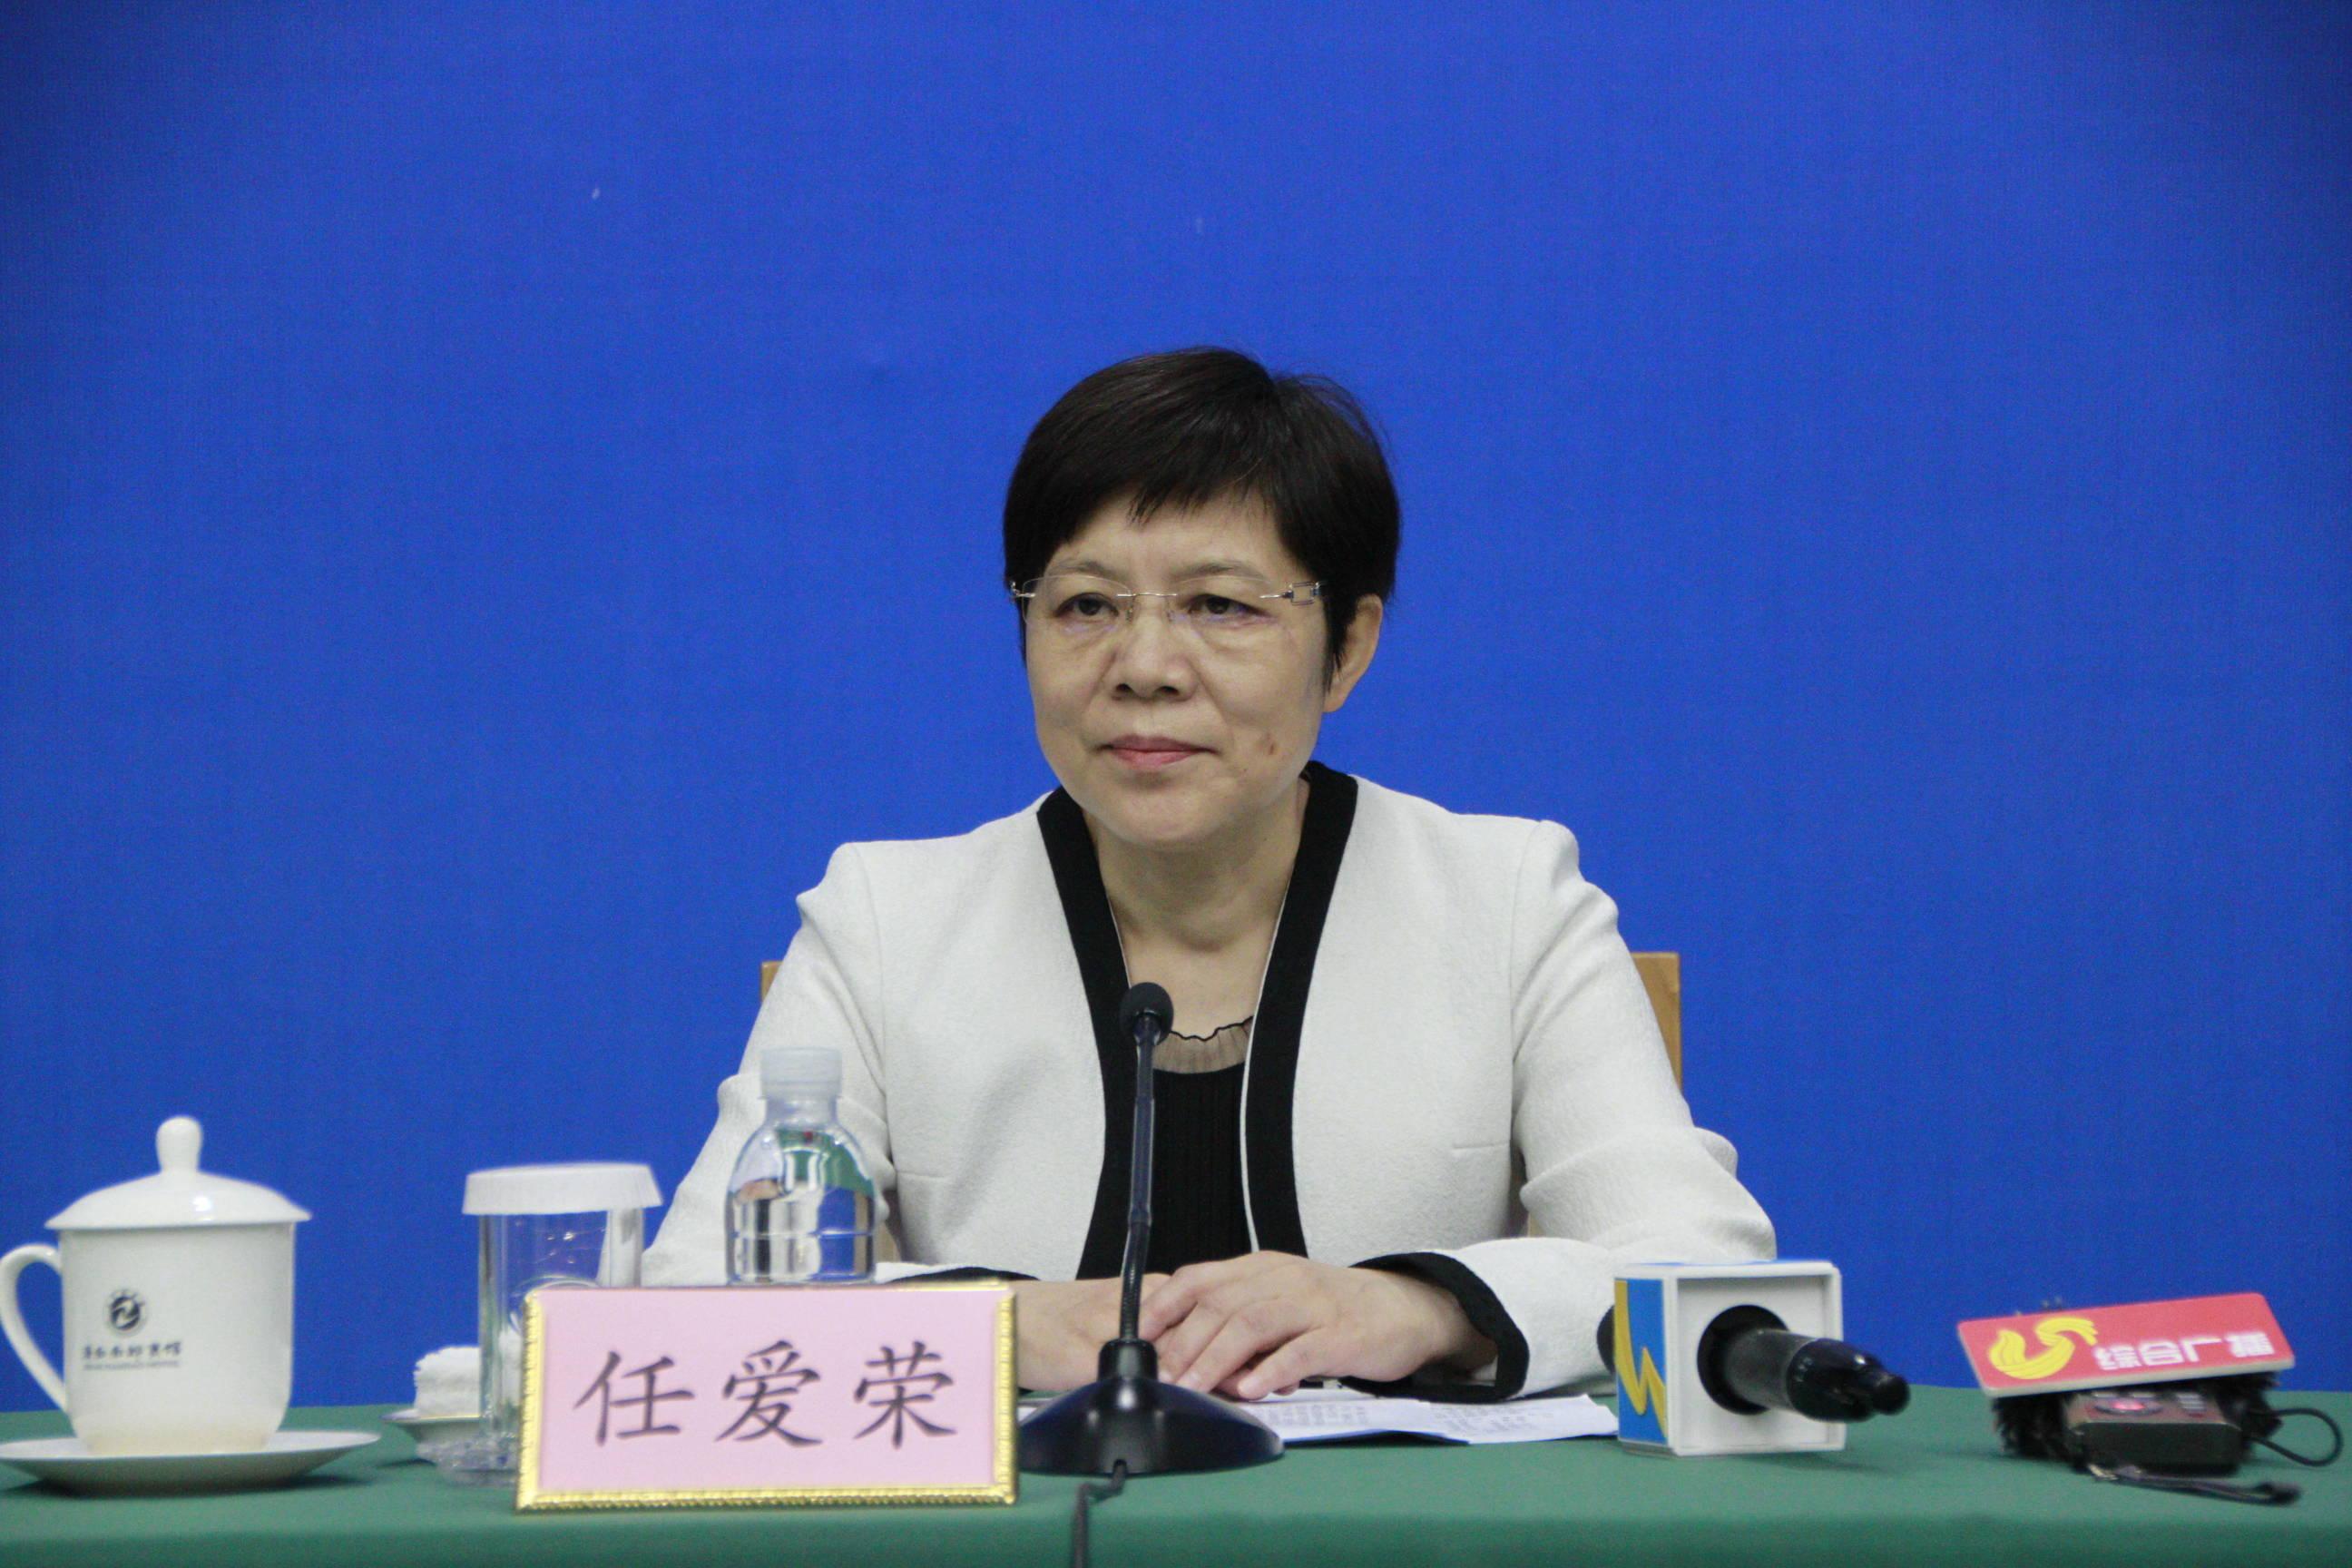 2020对话山东——日本·山东产业合作交流会将于7月30日举办